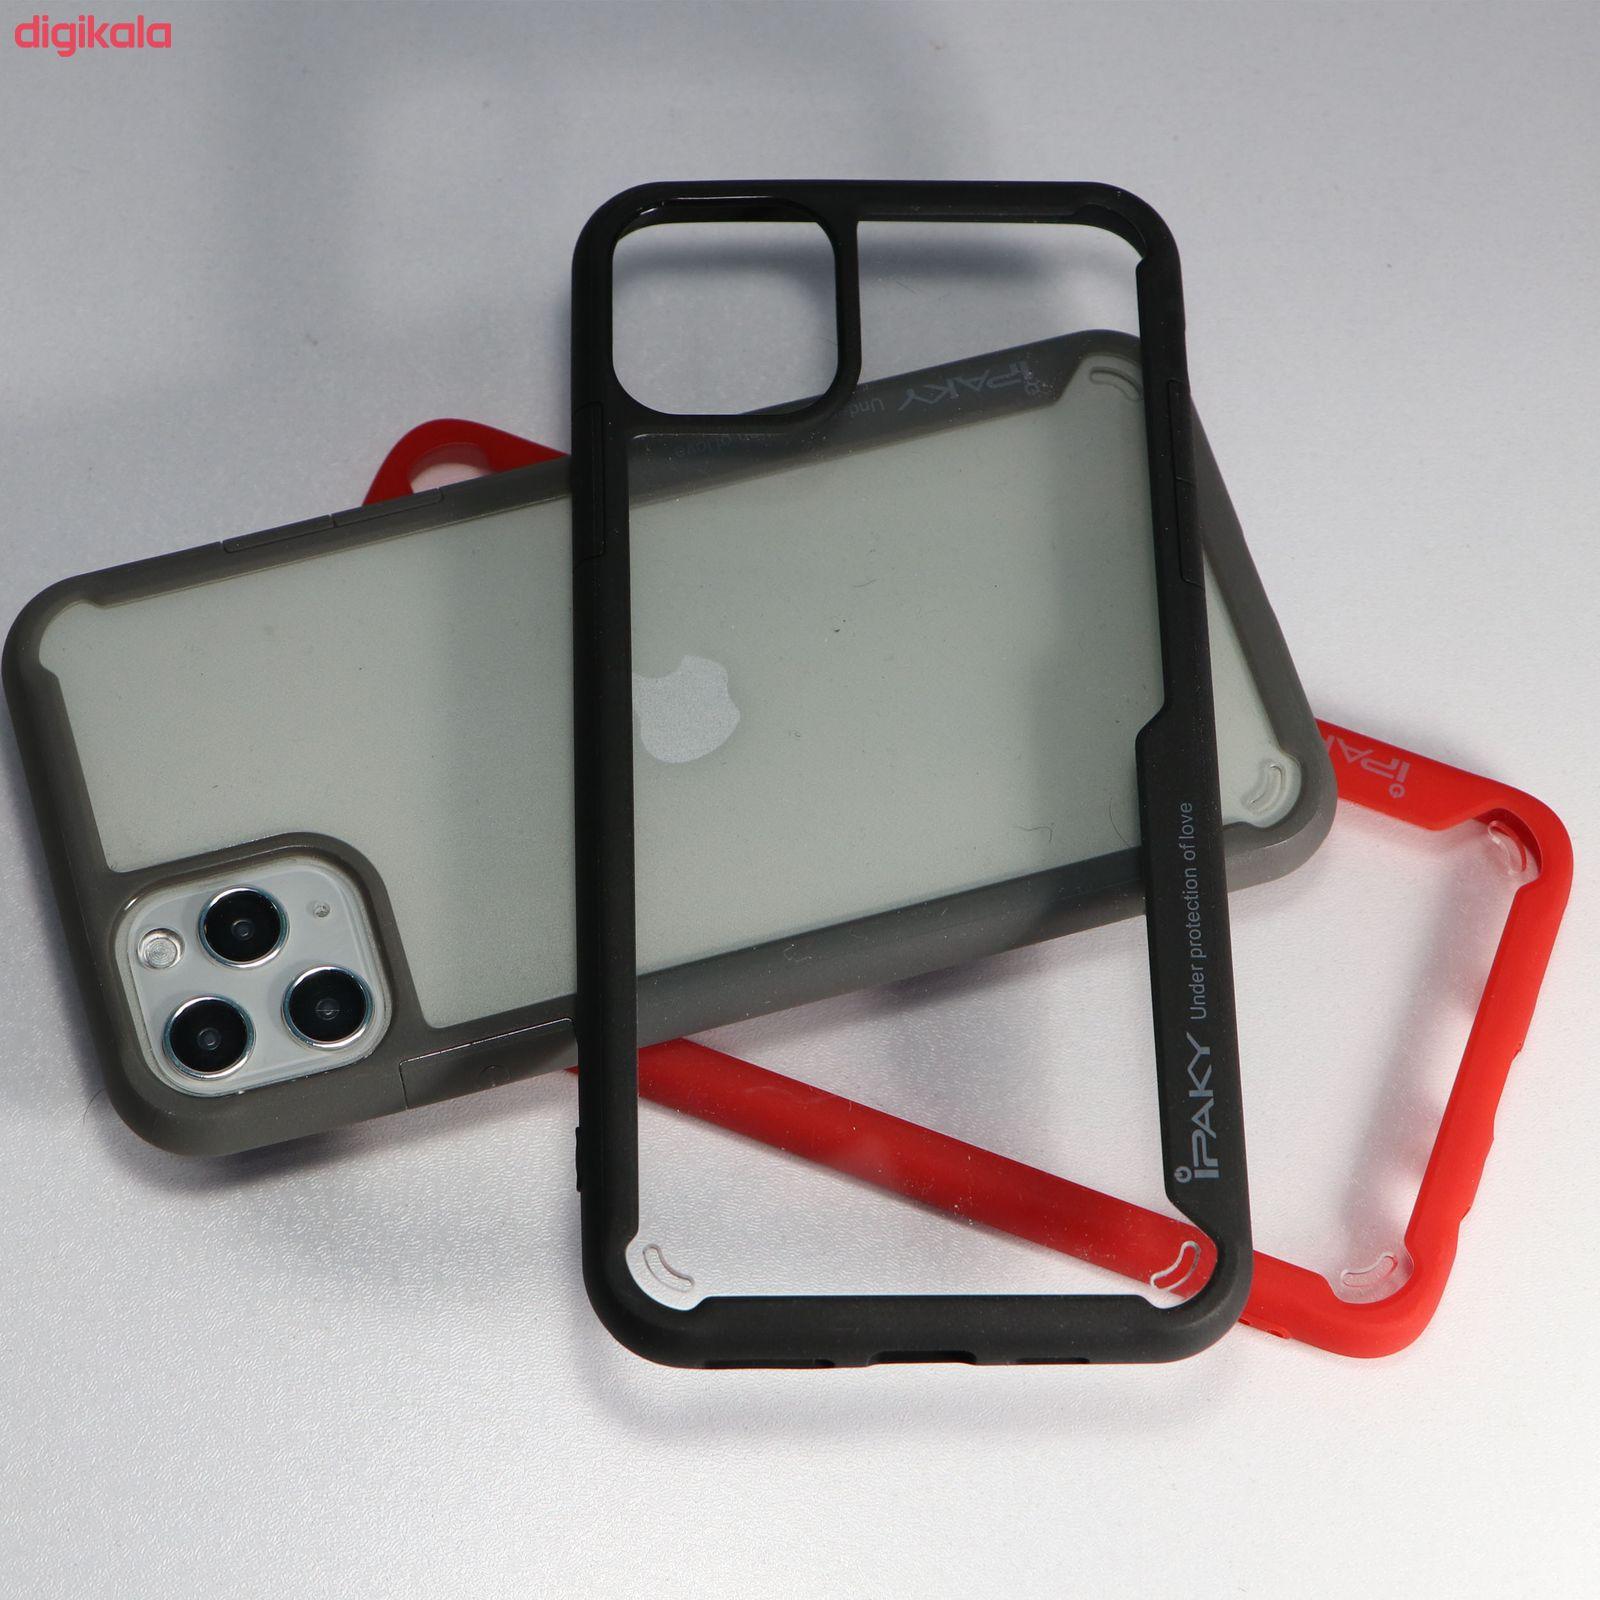 کاور مدل S18 مناسب برای گوشی موبایل اپل iphone 11 pro max main 1 6